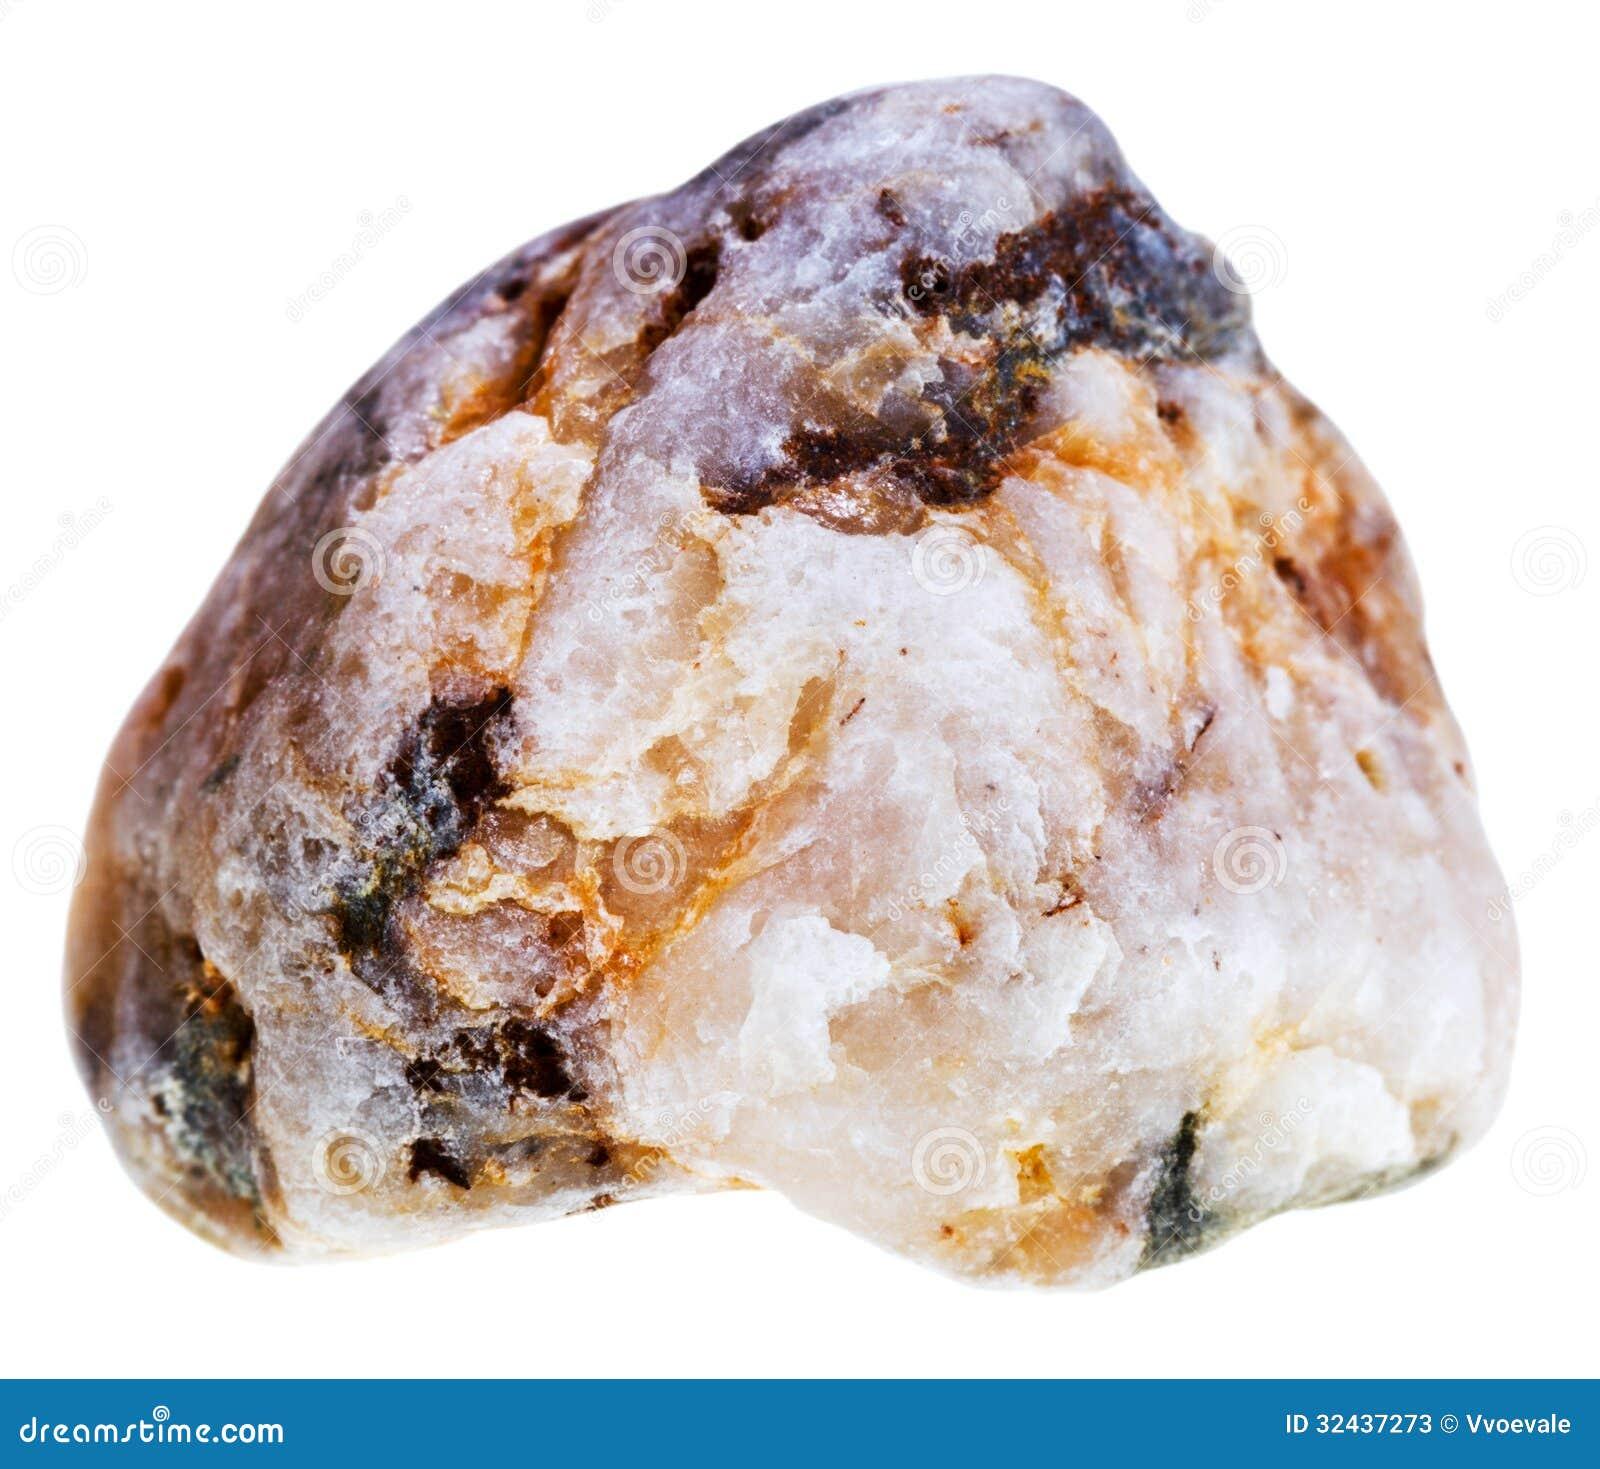 Piedra de m rmol abigarrada del adoqu n fotos de archivo - Adoquin de piedra ...